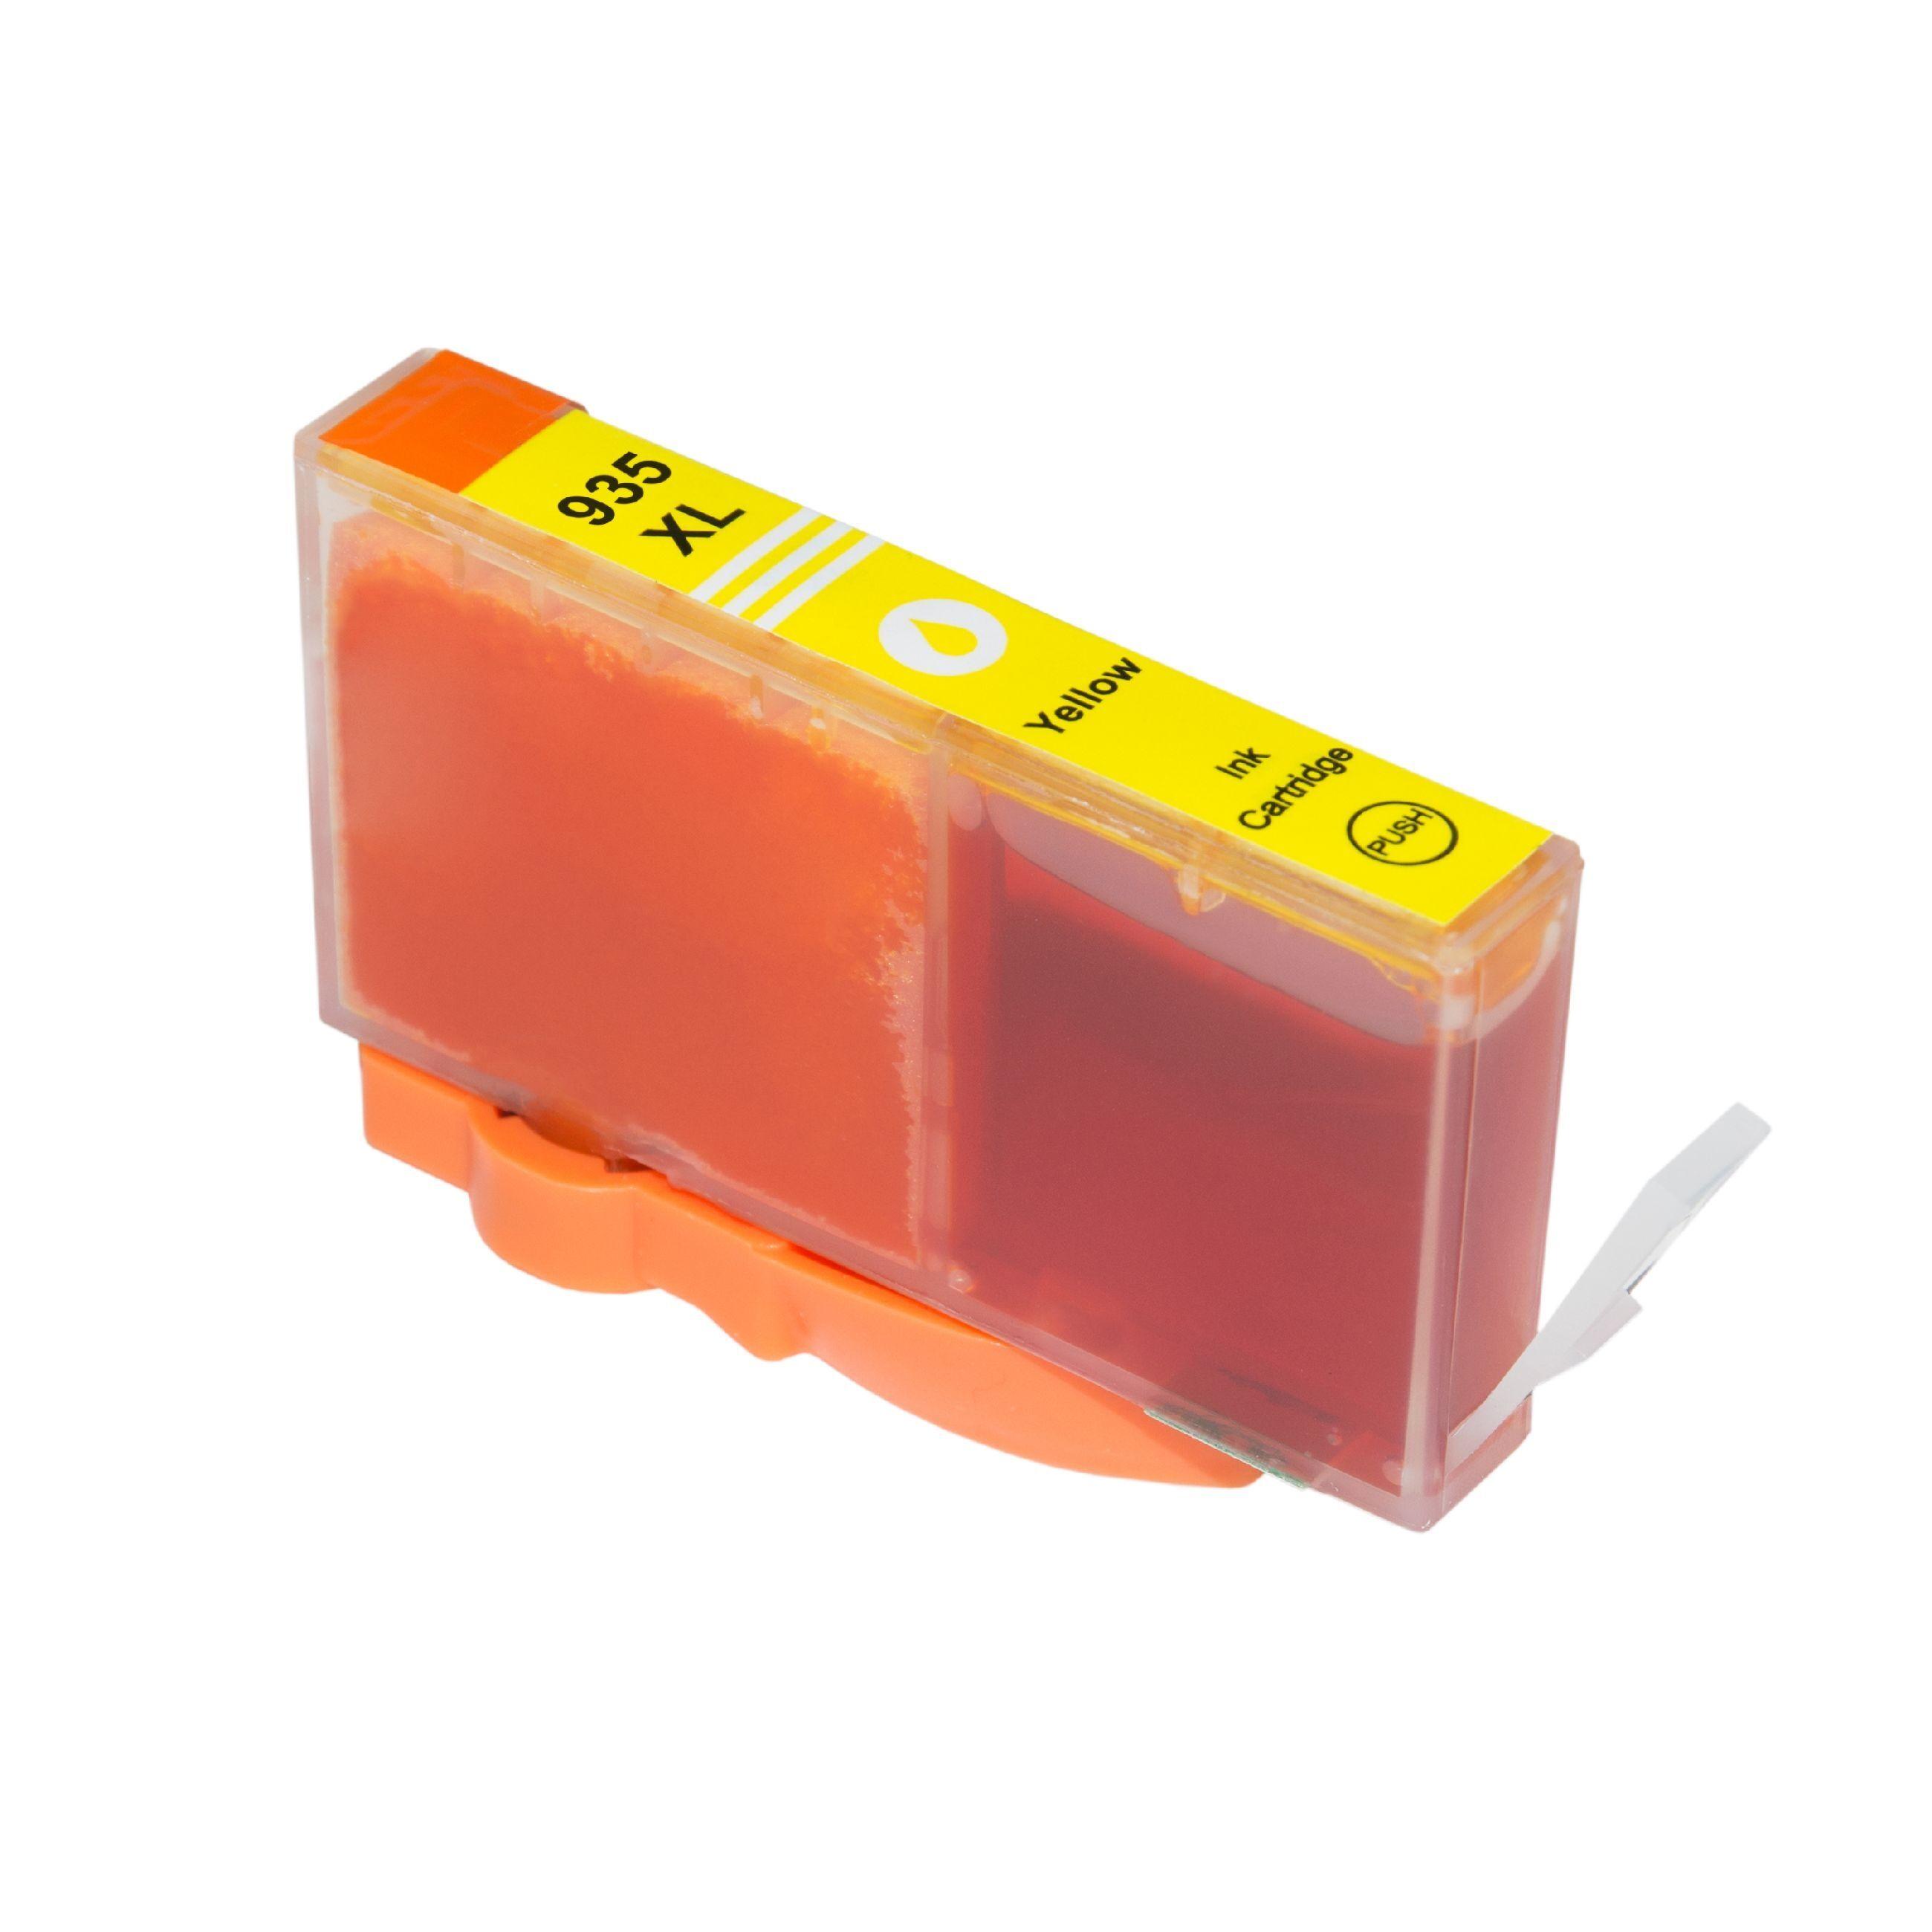 HP Cartouche d'encre pour HP C2P26AE / 935XL jaune compatible (de marque ASC)